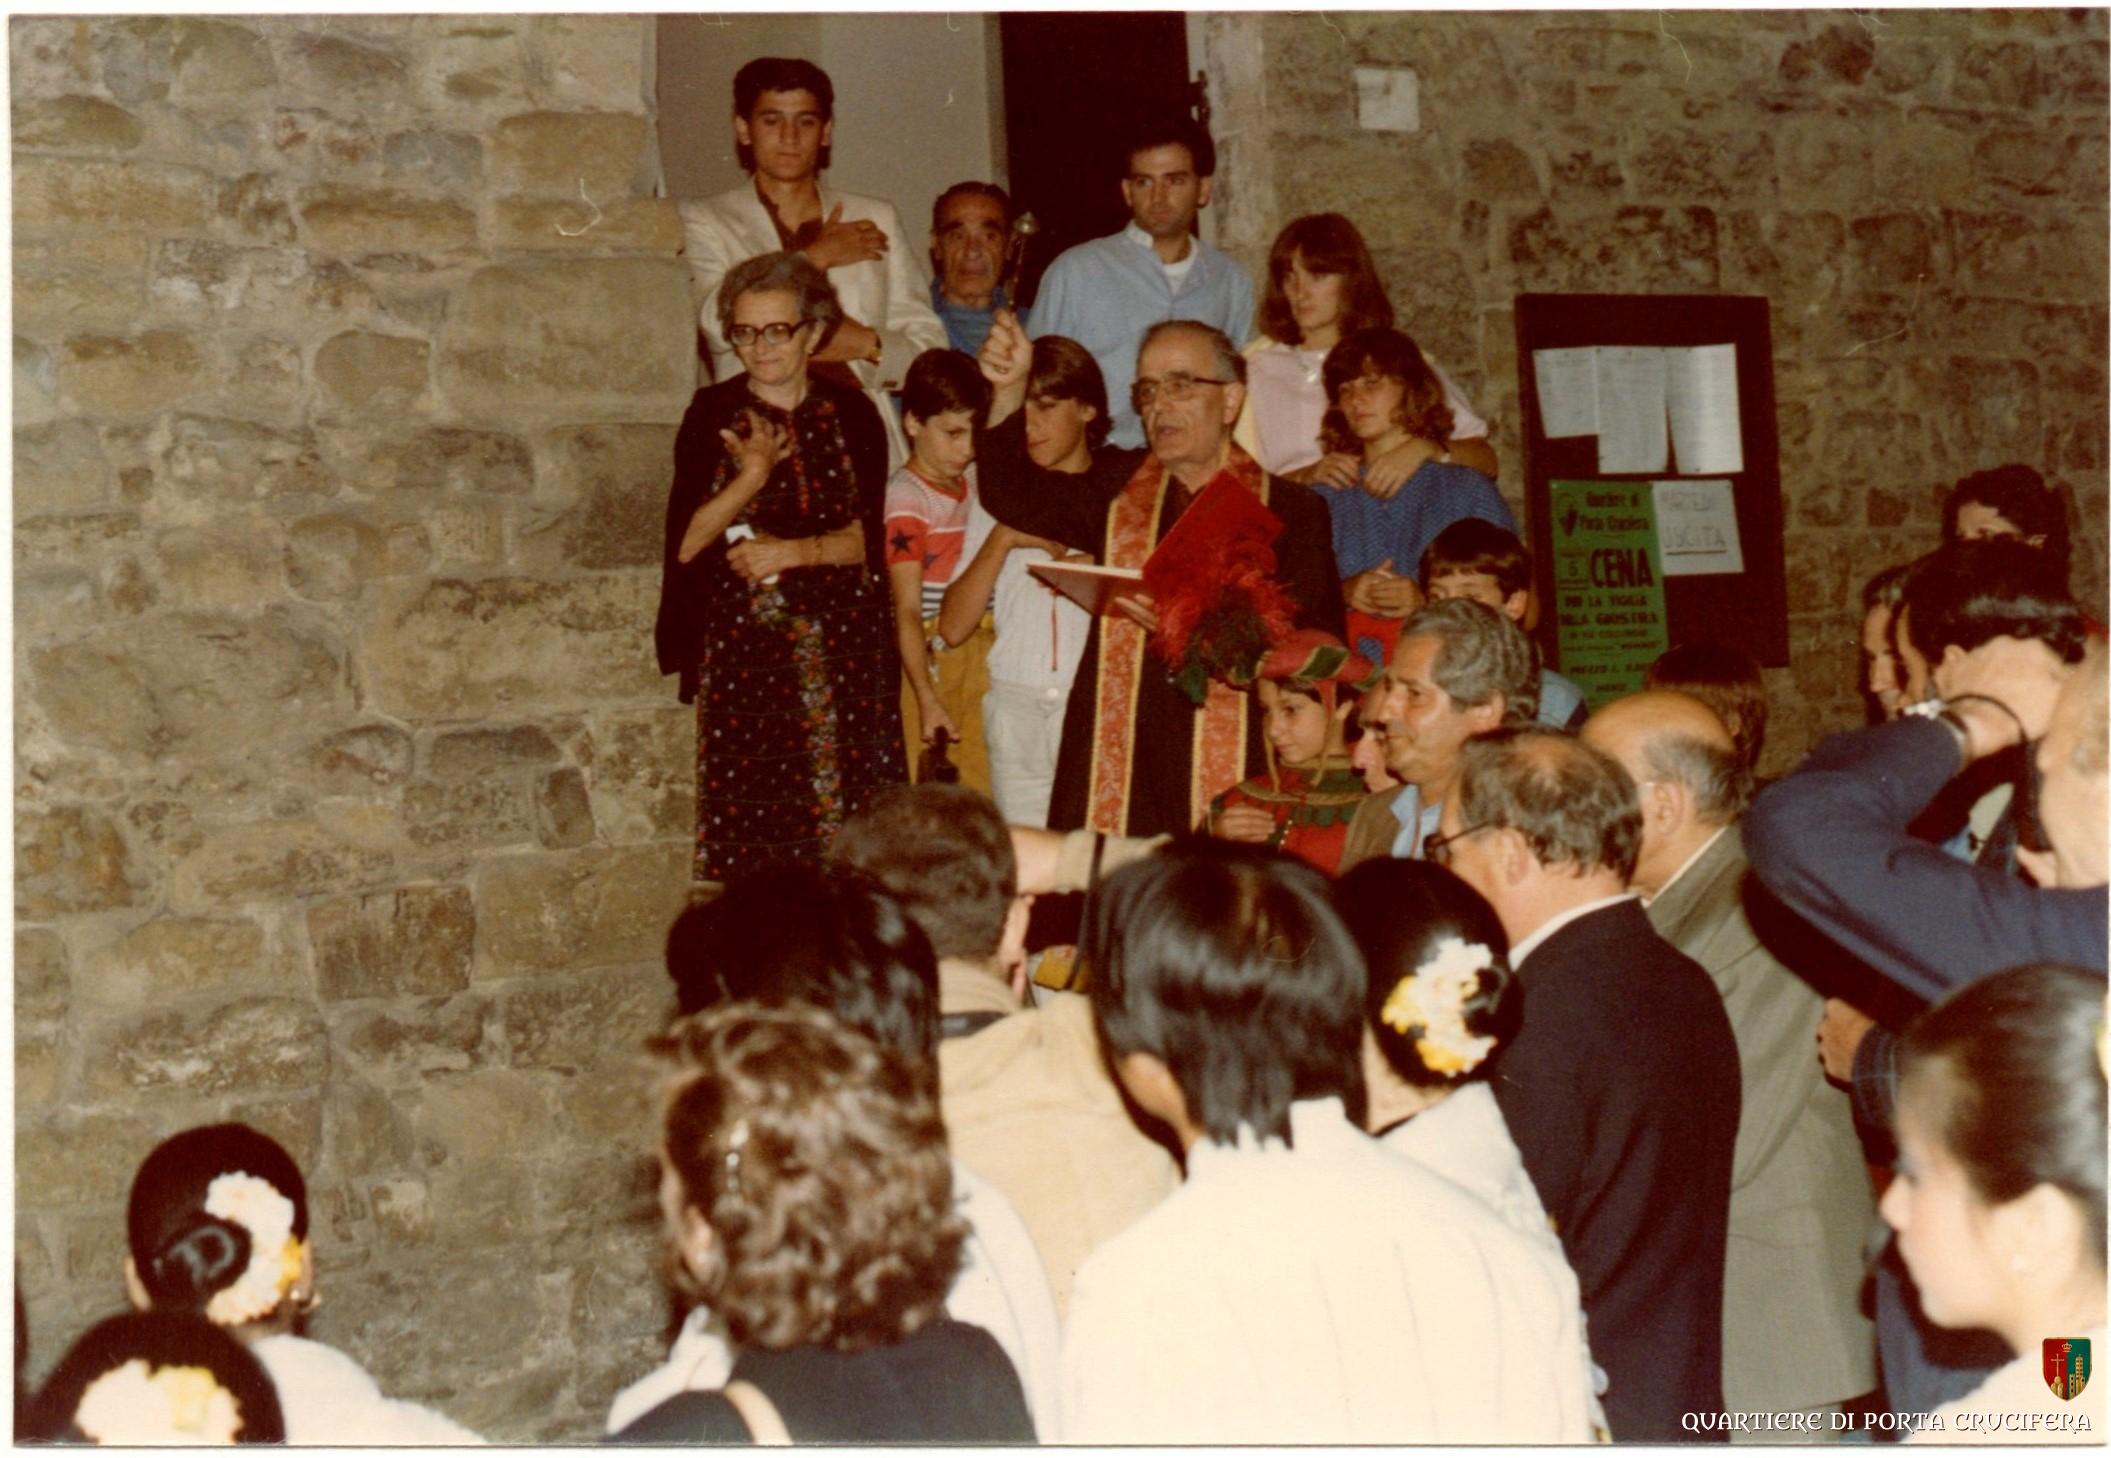 36 - 1981 Scopertura lapide - Don Pietro Buresti - Giorgio Marmorini - Enzo Toci detto Violino - Ugo Morelli